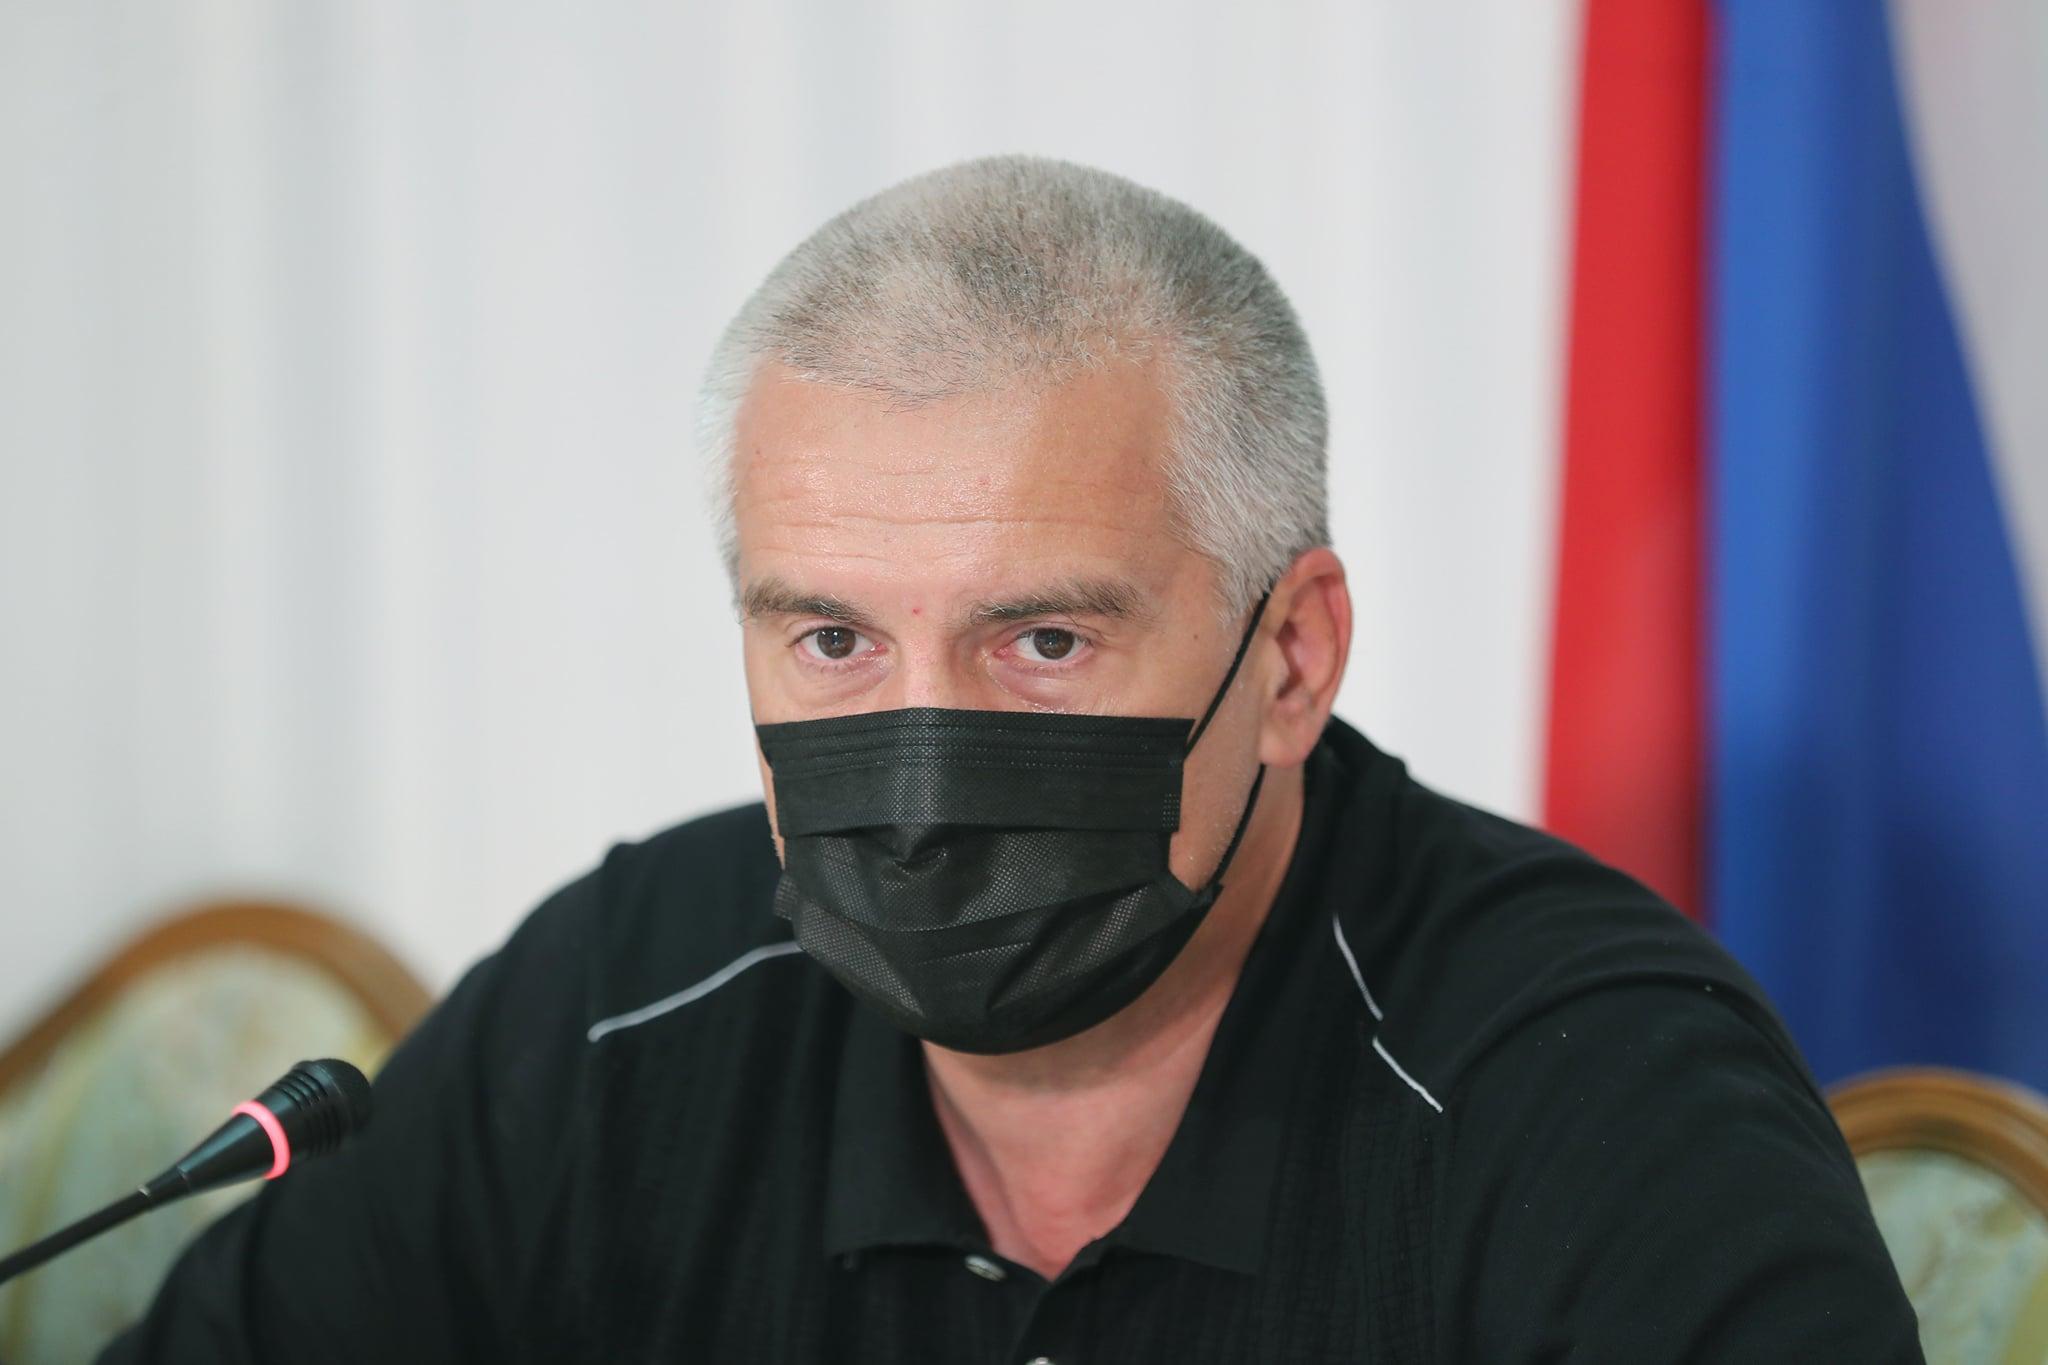 Аксенов пригрозил «закрыть всё» в регионах Крыма из-за несоблюдения антиковидных мер